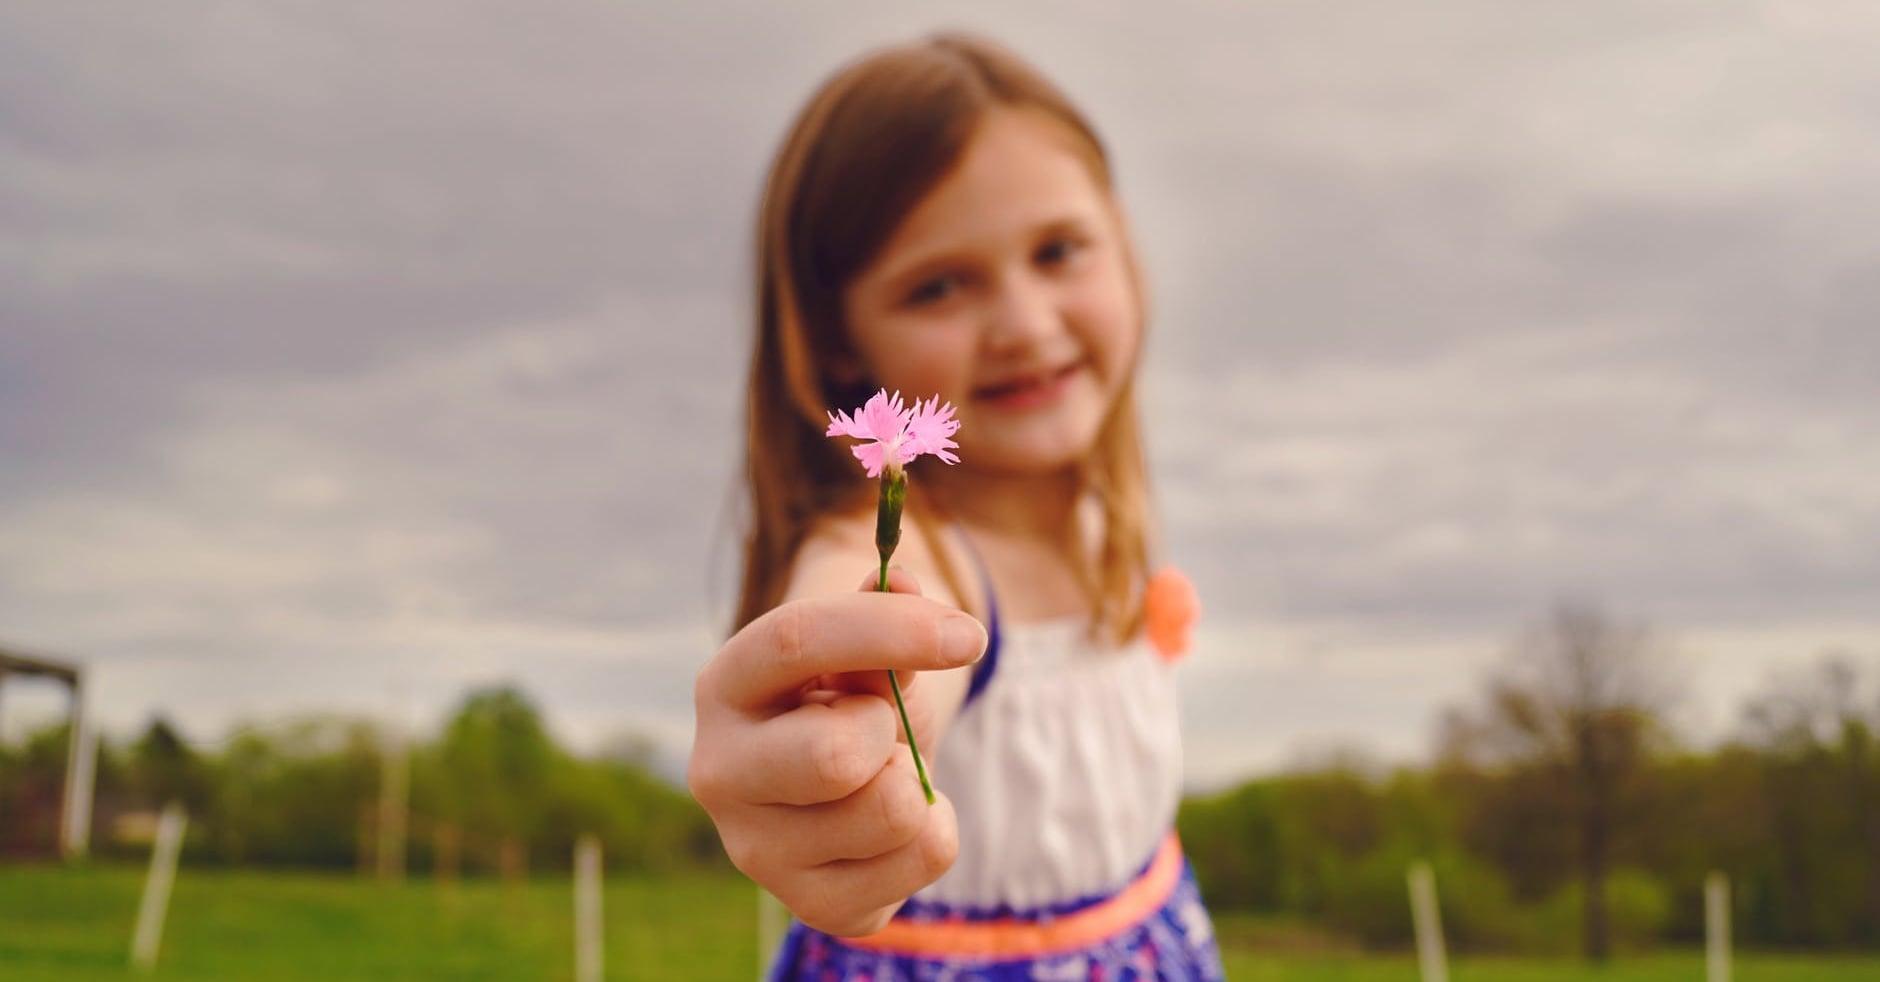 Hình ảnh trẻ em tặng bông hoa đẹp